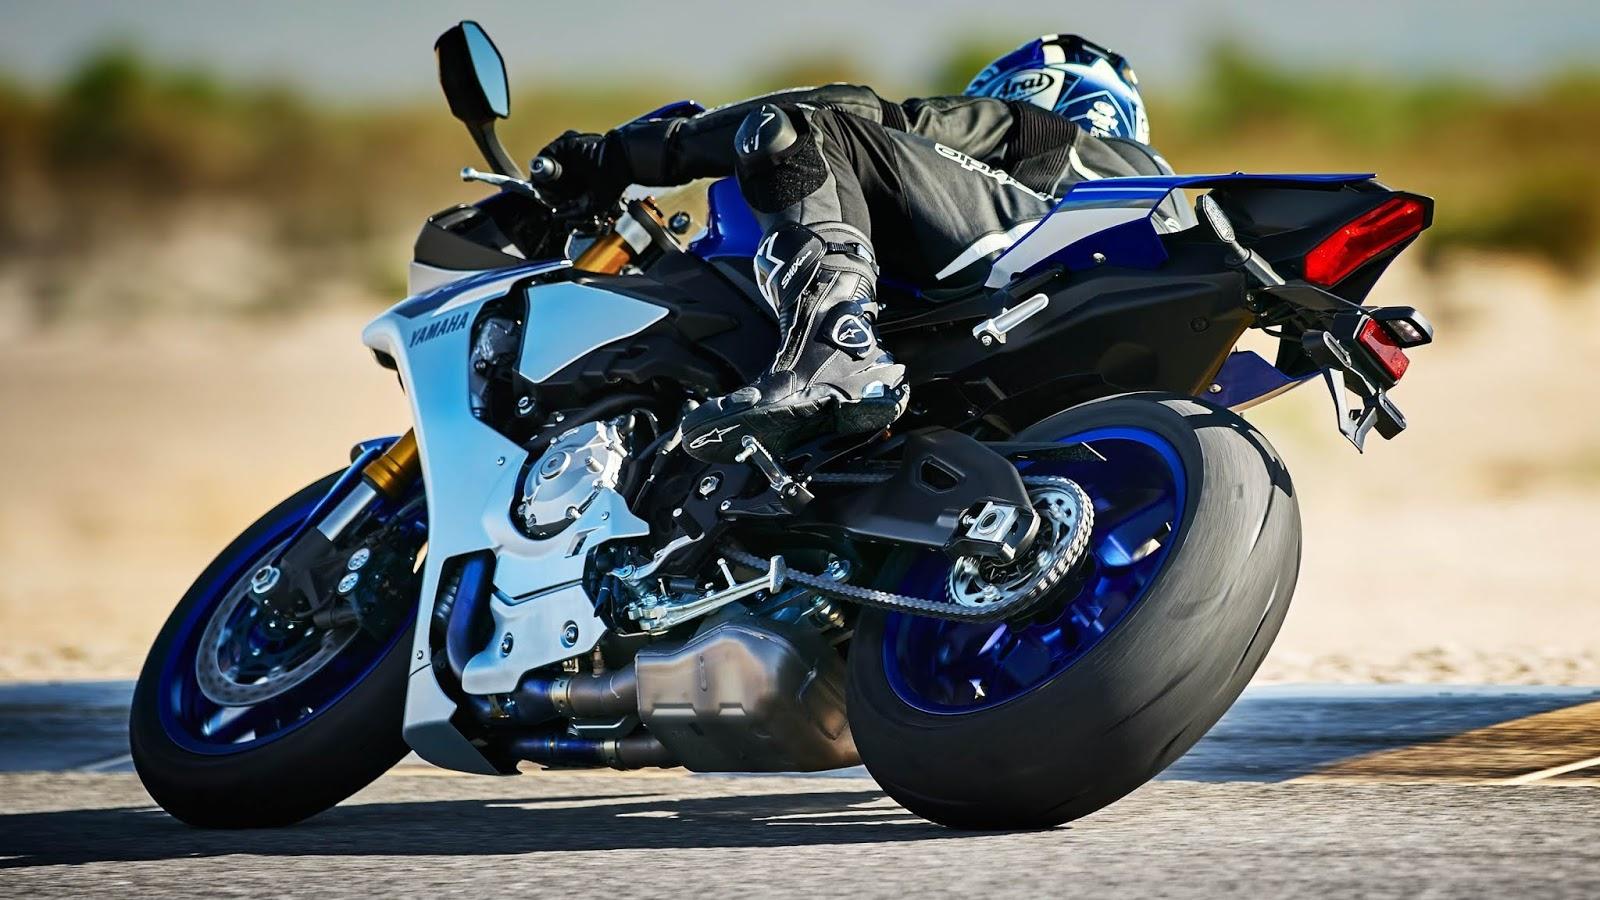 Gambar Yamaha R15 V3 kualitas HD - 14